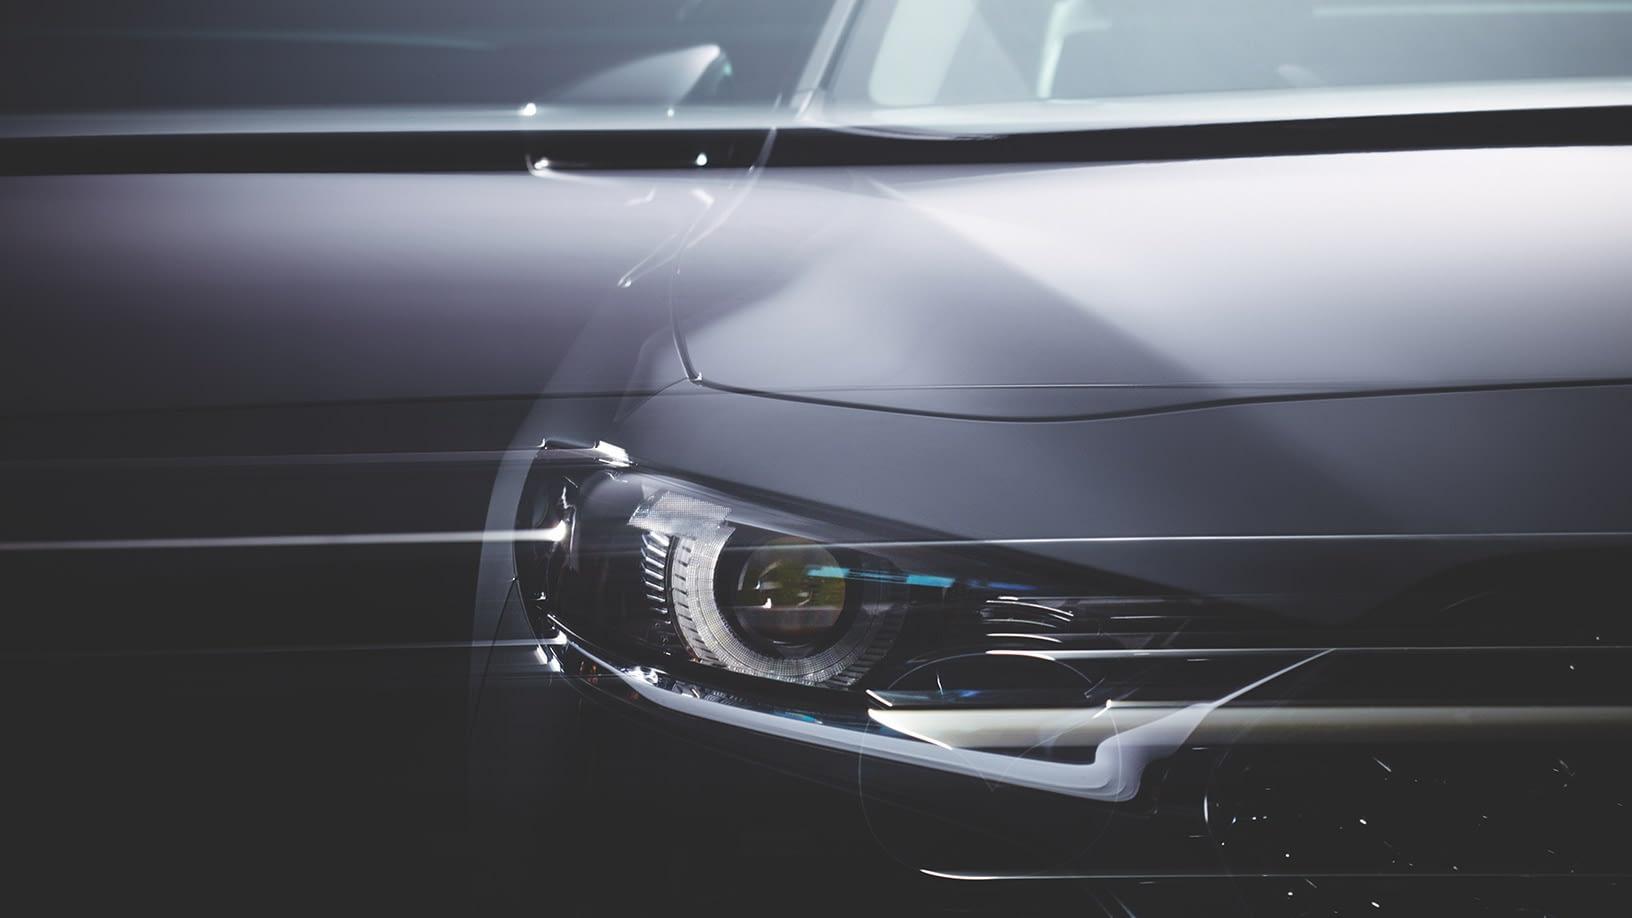 Bilde av fronten av en splitter ny Mazda fra Bilservice og bilSpiten